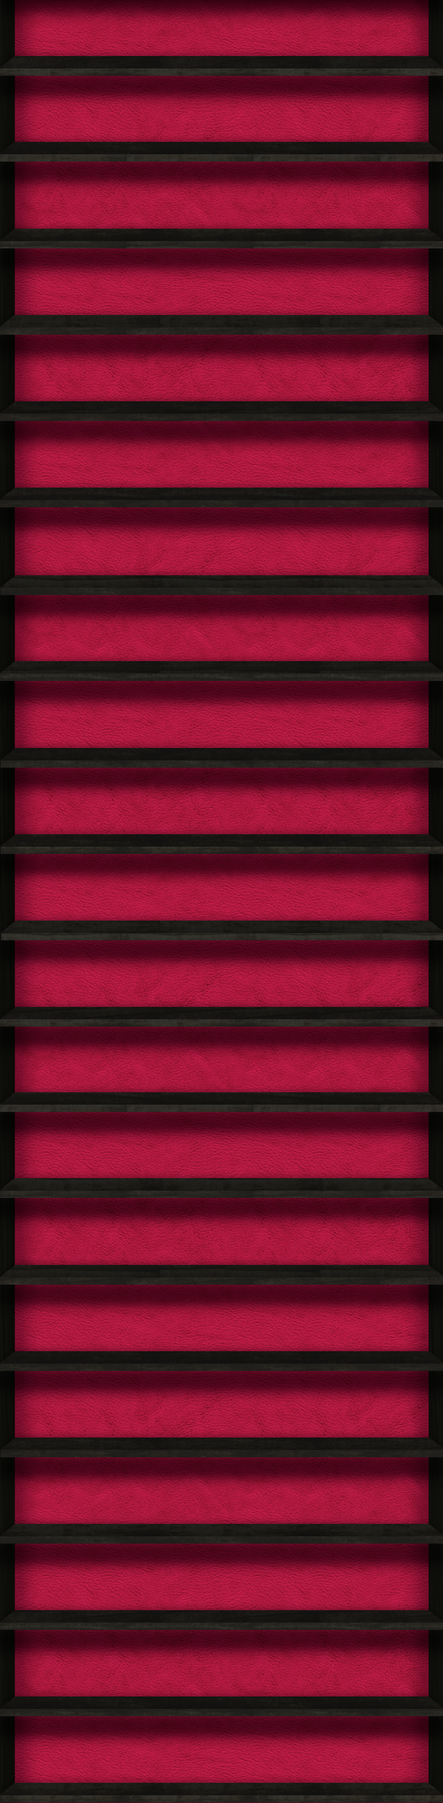 Finder Background Shelves